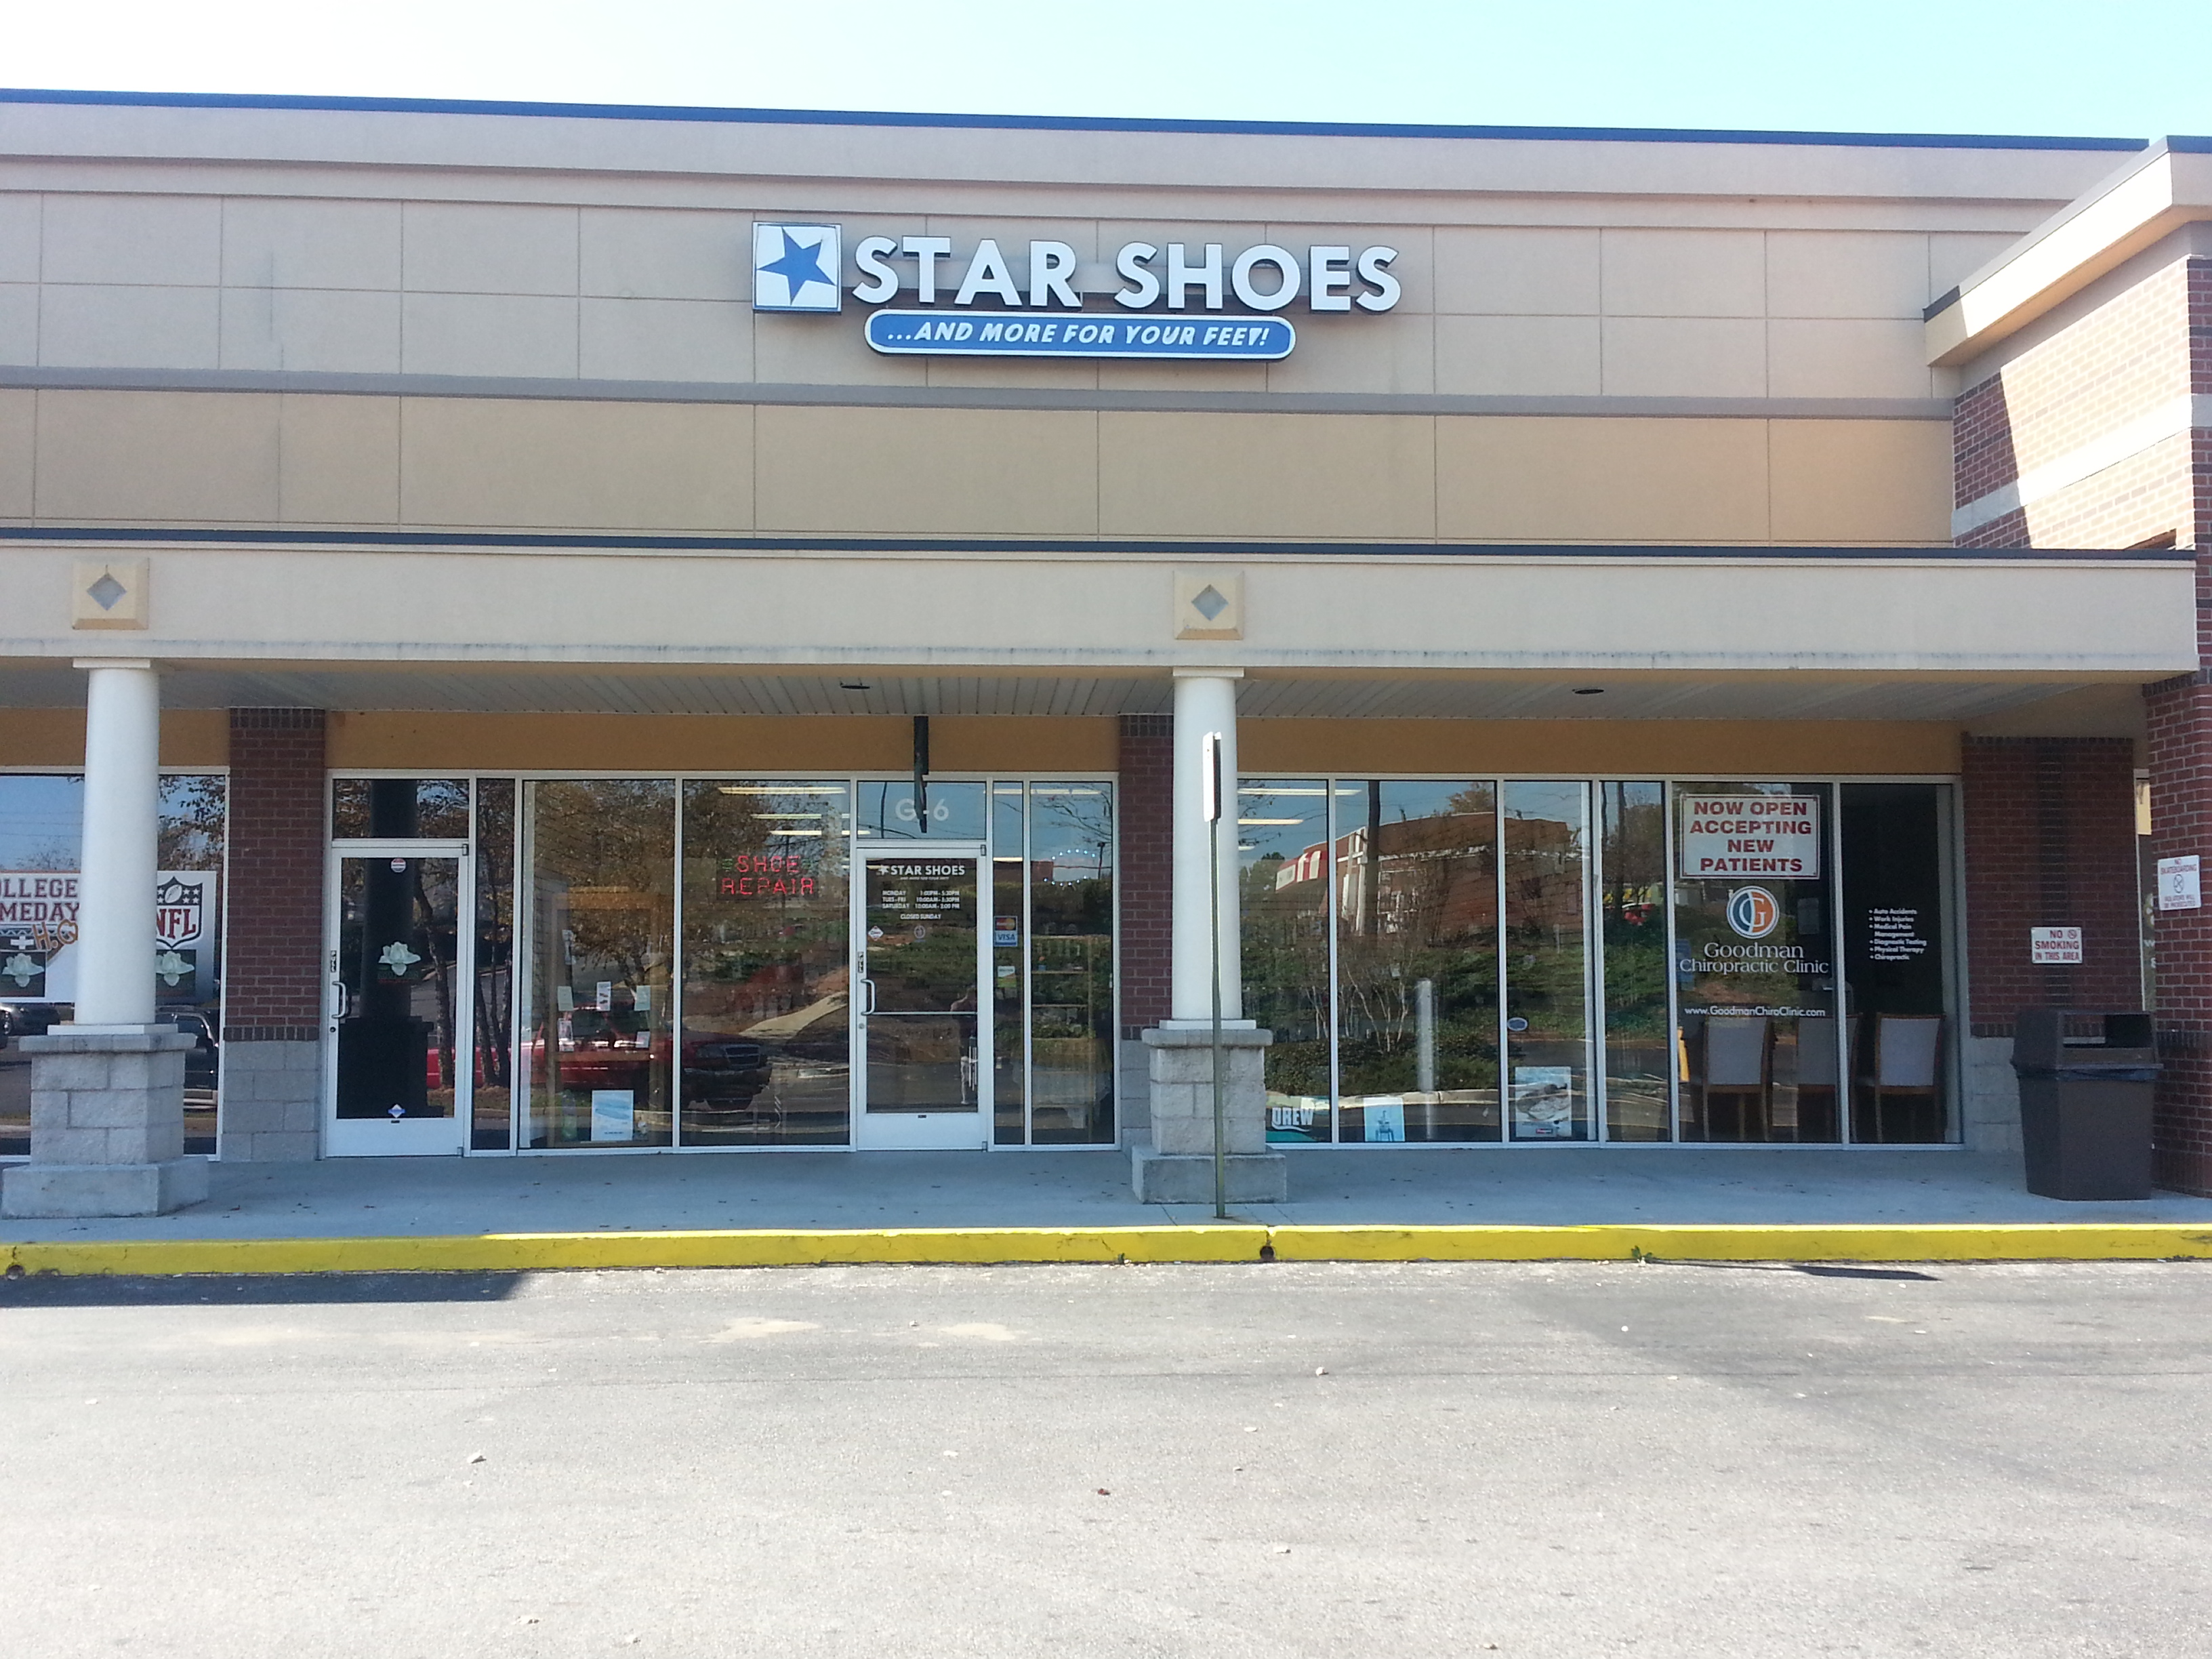 243ab6220fb9 Star Shoes 3370 Sugarloaf Pkwy Ste G6